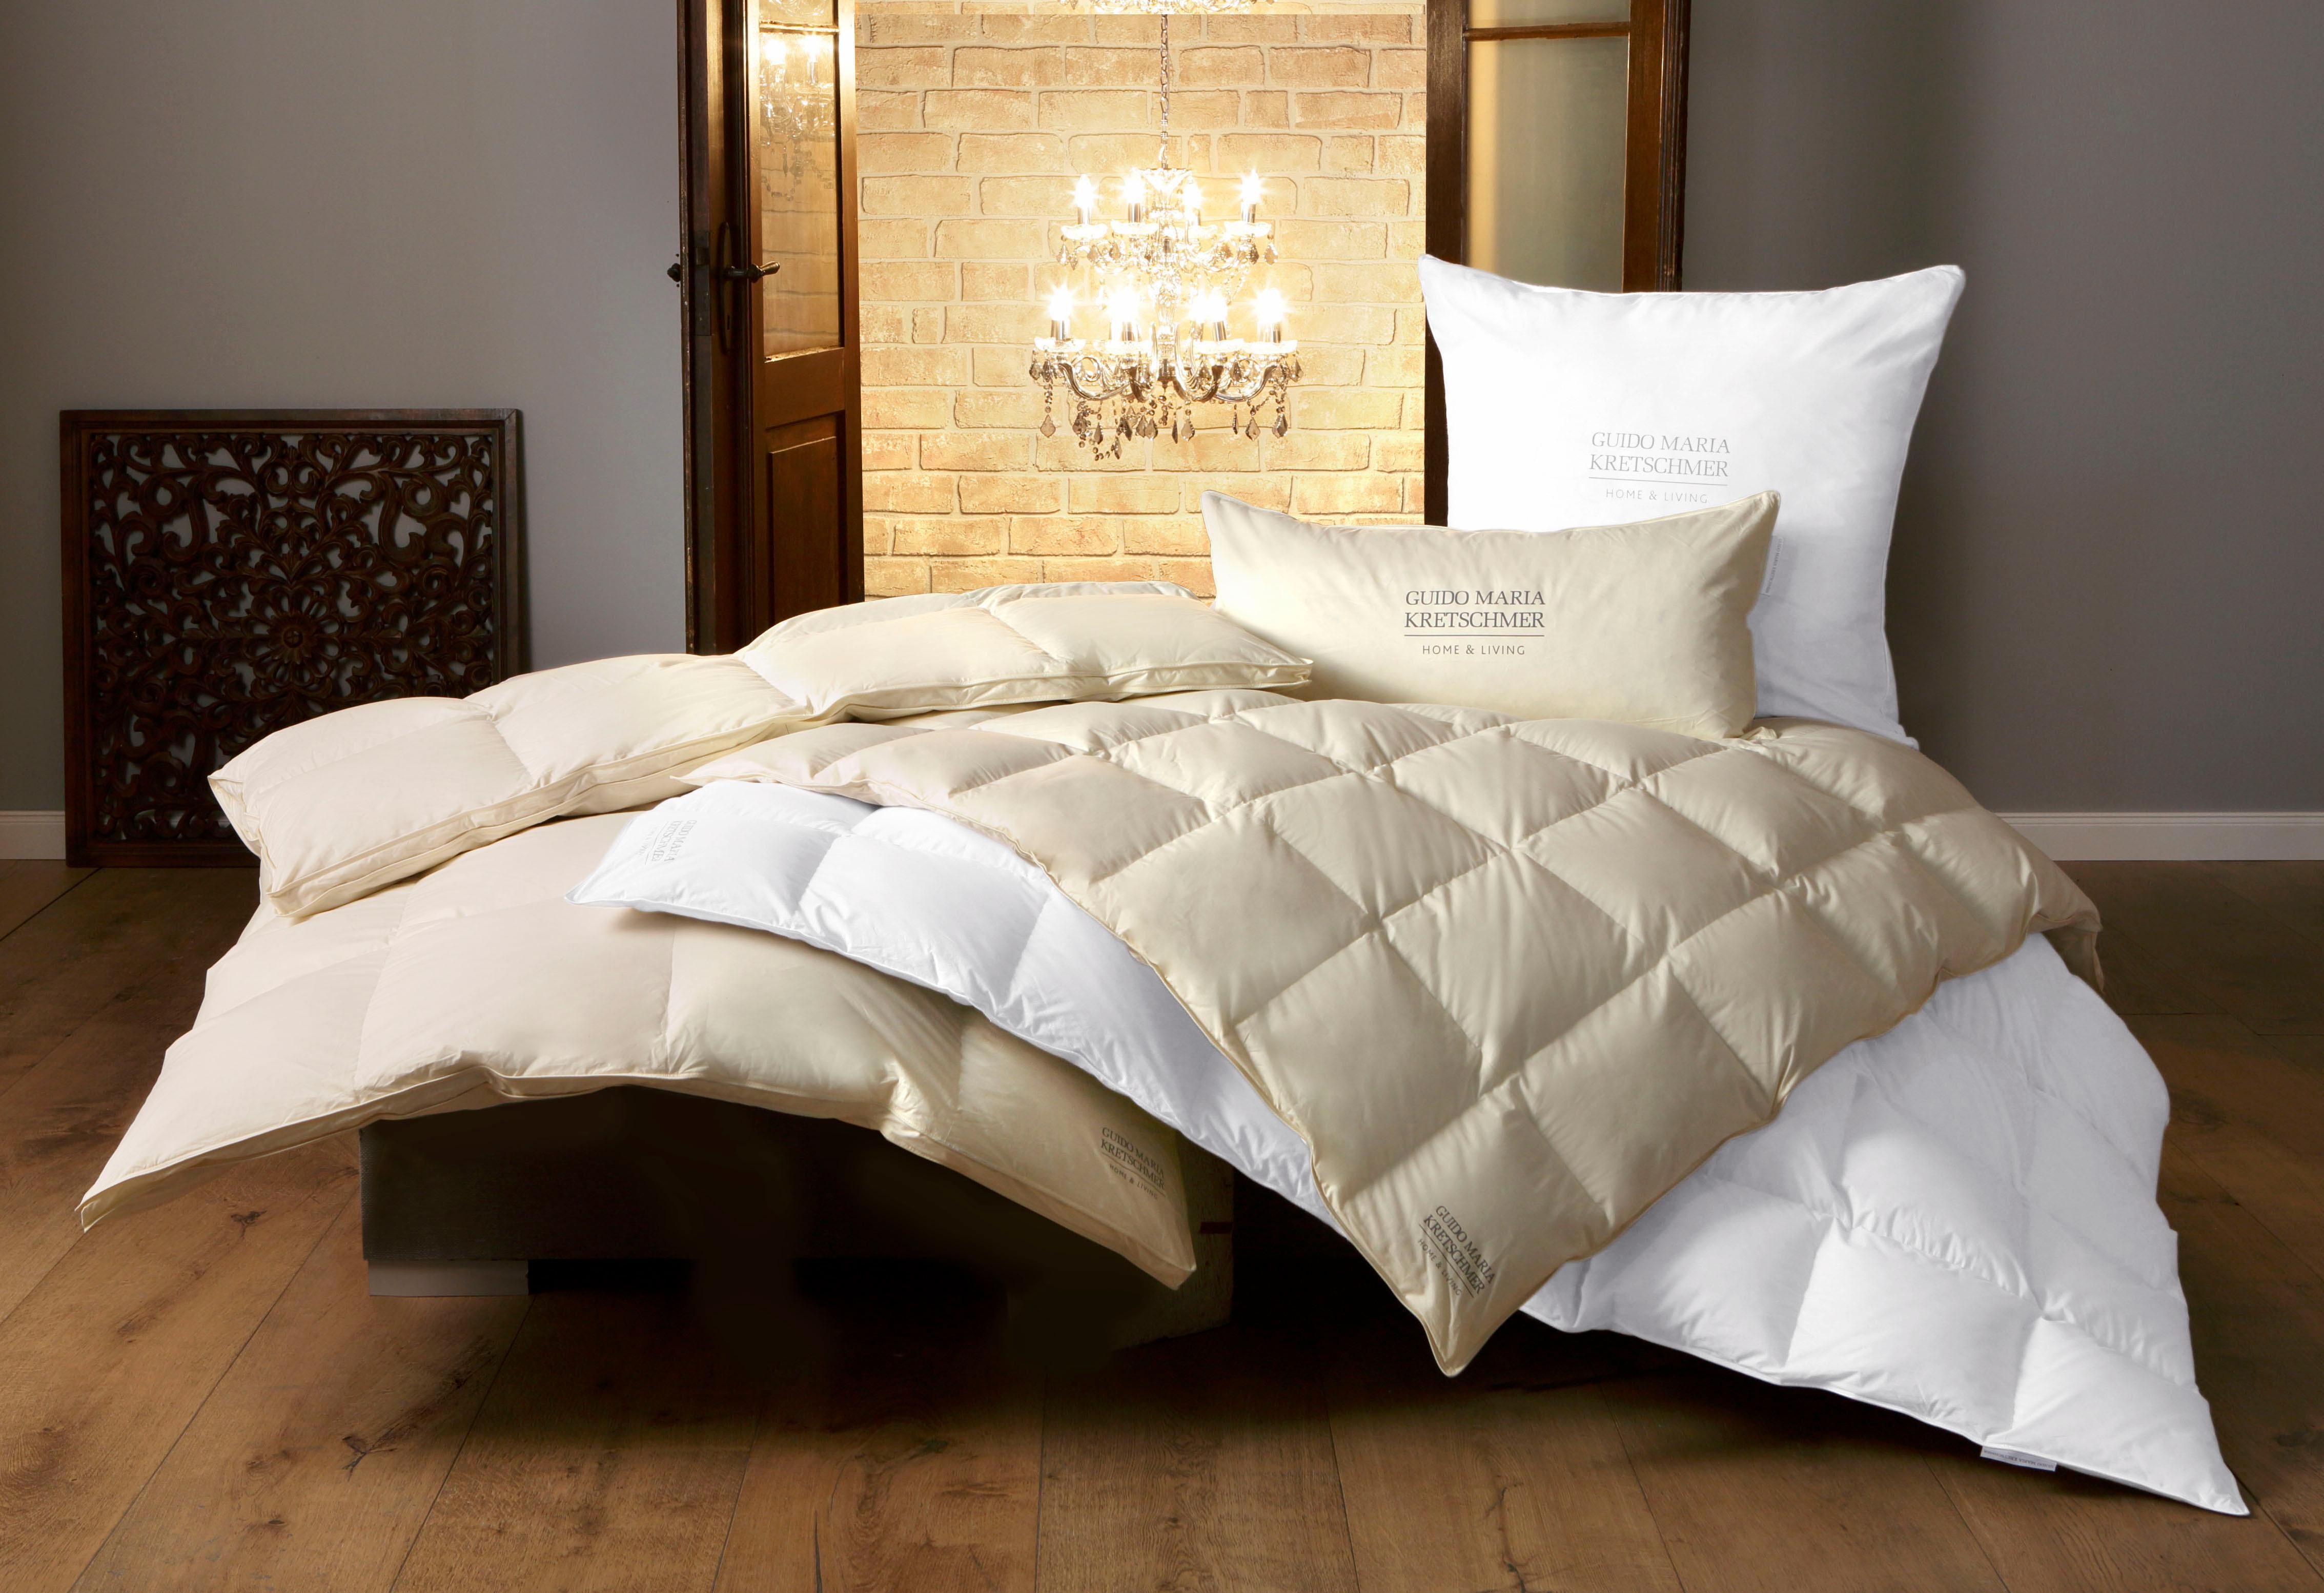 Daunenbettdecke GMK Guido Maria Kretschmer Home&Living normal Füllung: 90% Daunen 10% Federn Bezug: 100% Baumwolle